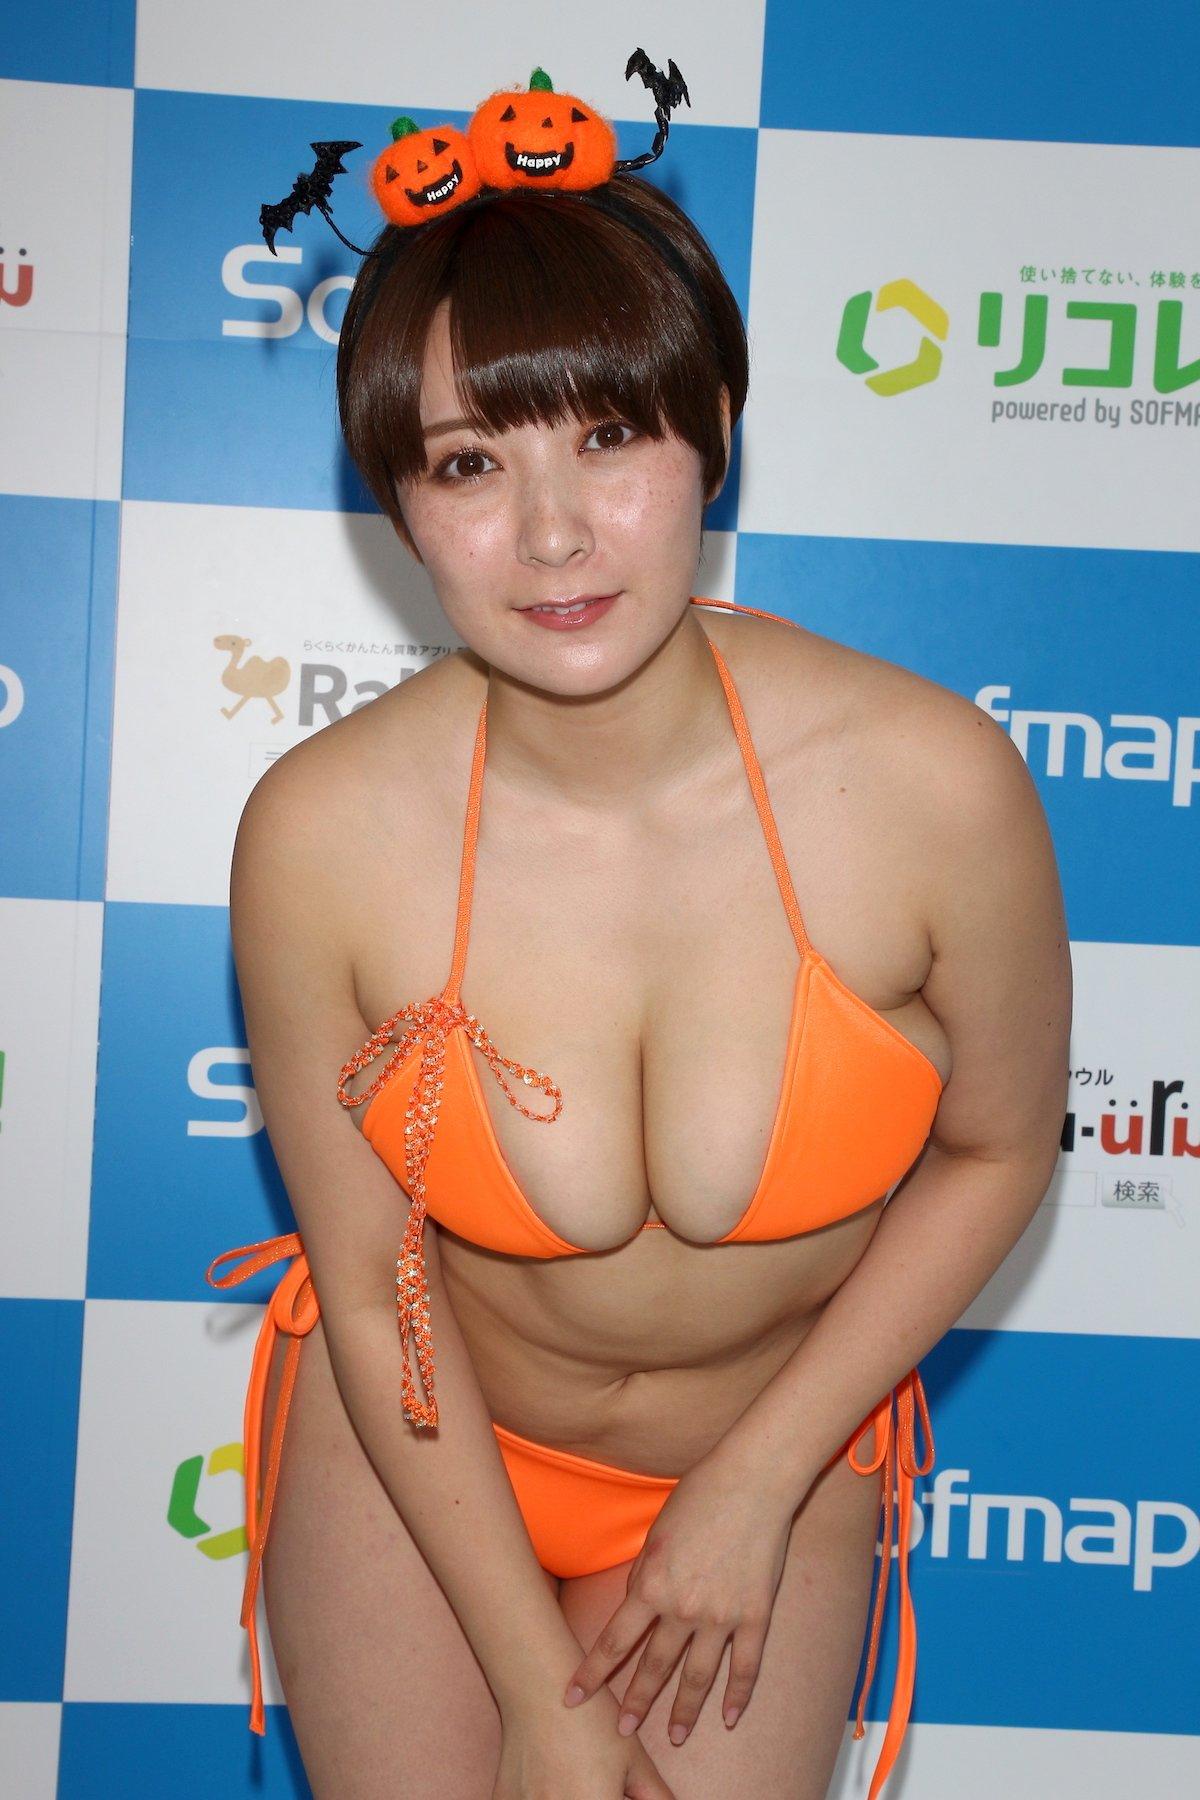 紺野栞「SM嬢に初挑戦」ムチを覚えて感動しました【画像49枚】の画像030